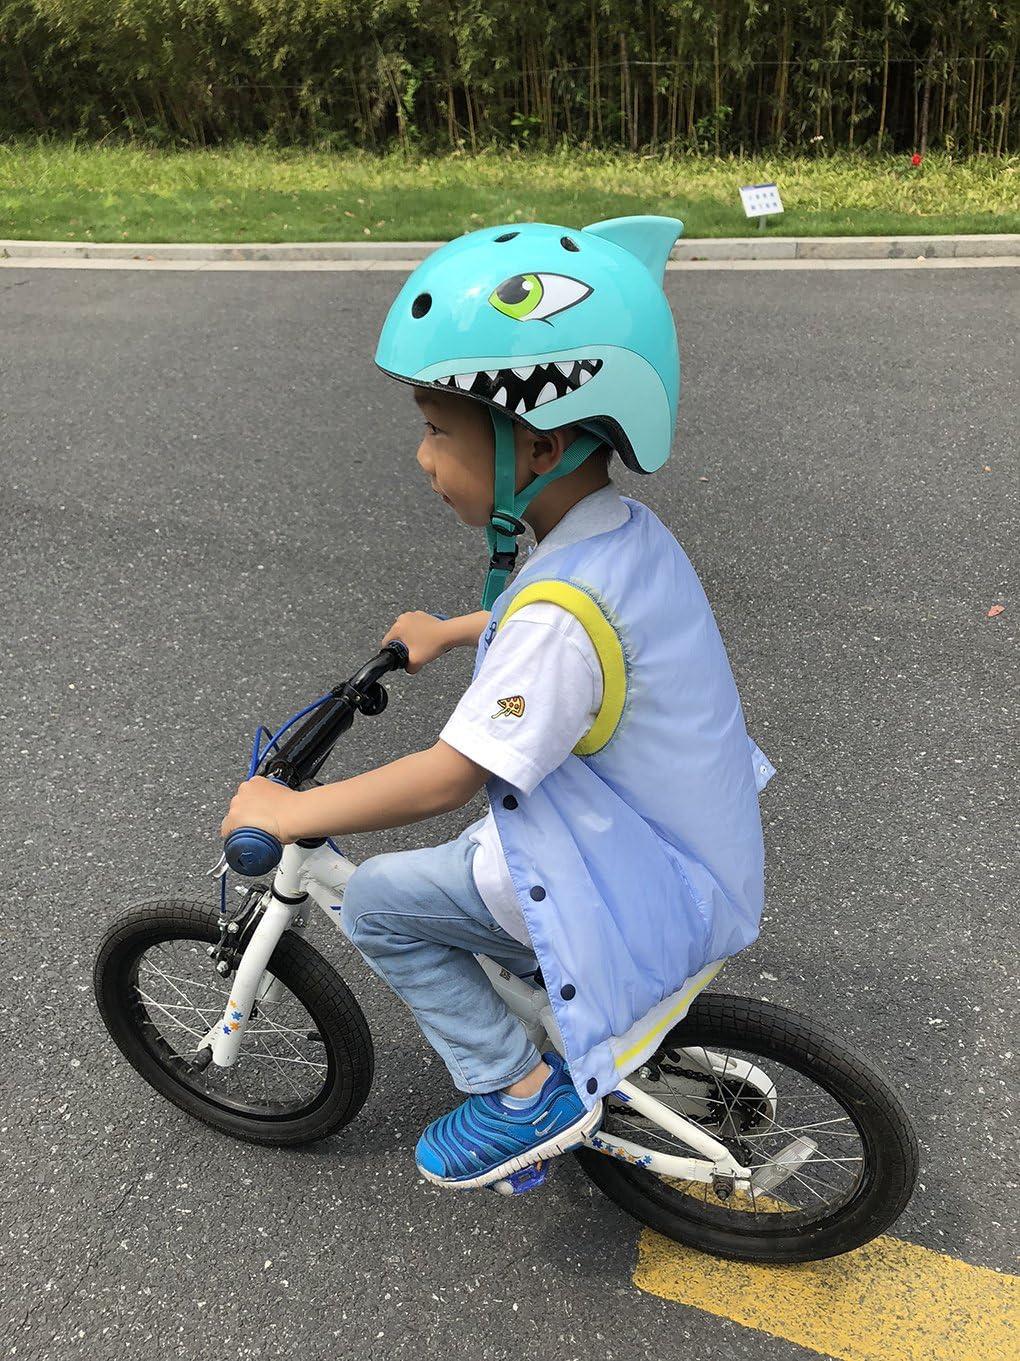 Celtics 3-8 Anni Bambini Caschi Della Bici Ad Alta Densit/à PC Cartoon Pattinaggio Bambino Ciclismo Equitazione Bambini Caschi Bicicletta Sci Casco Sicurezza